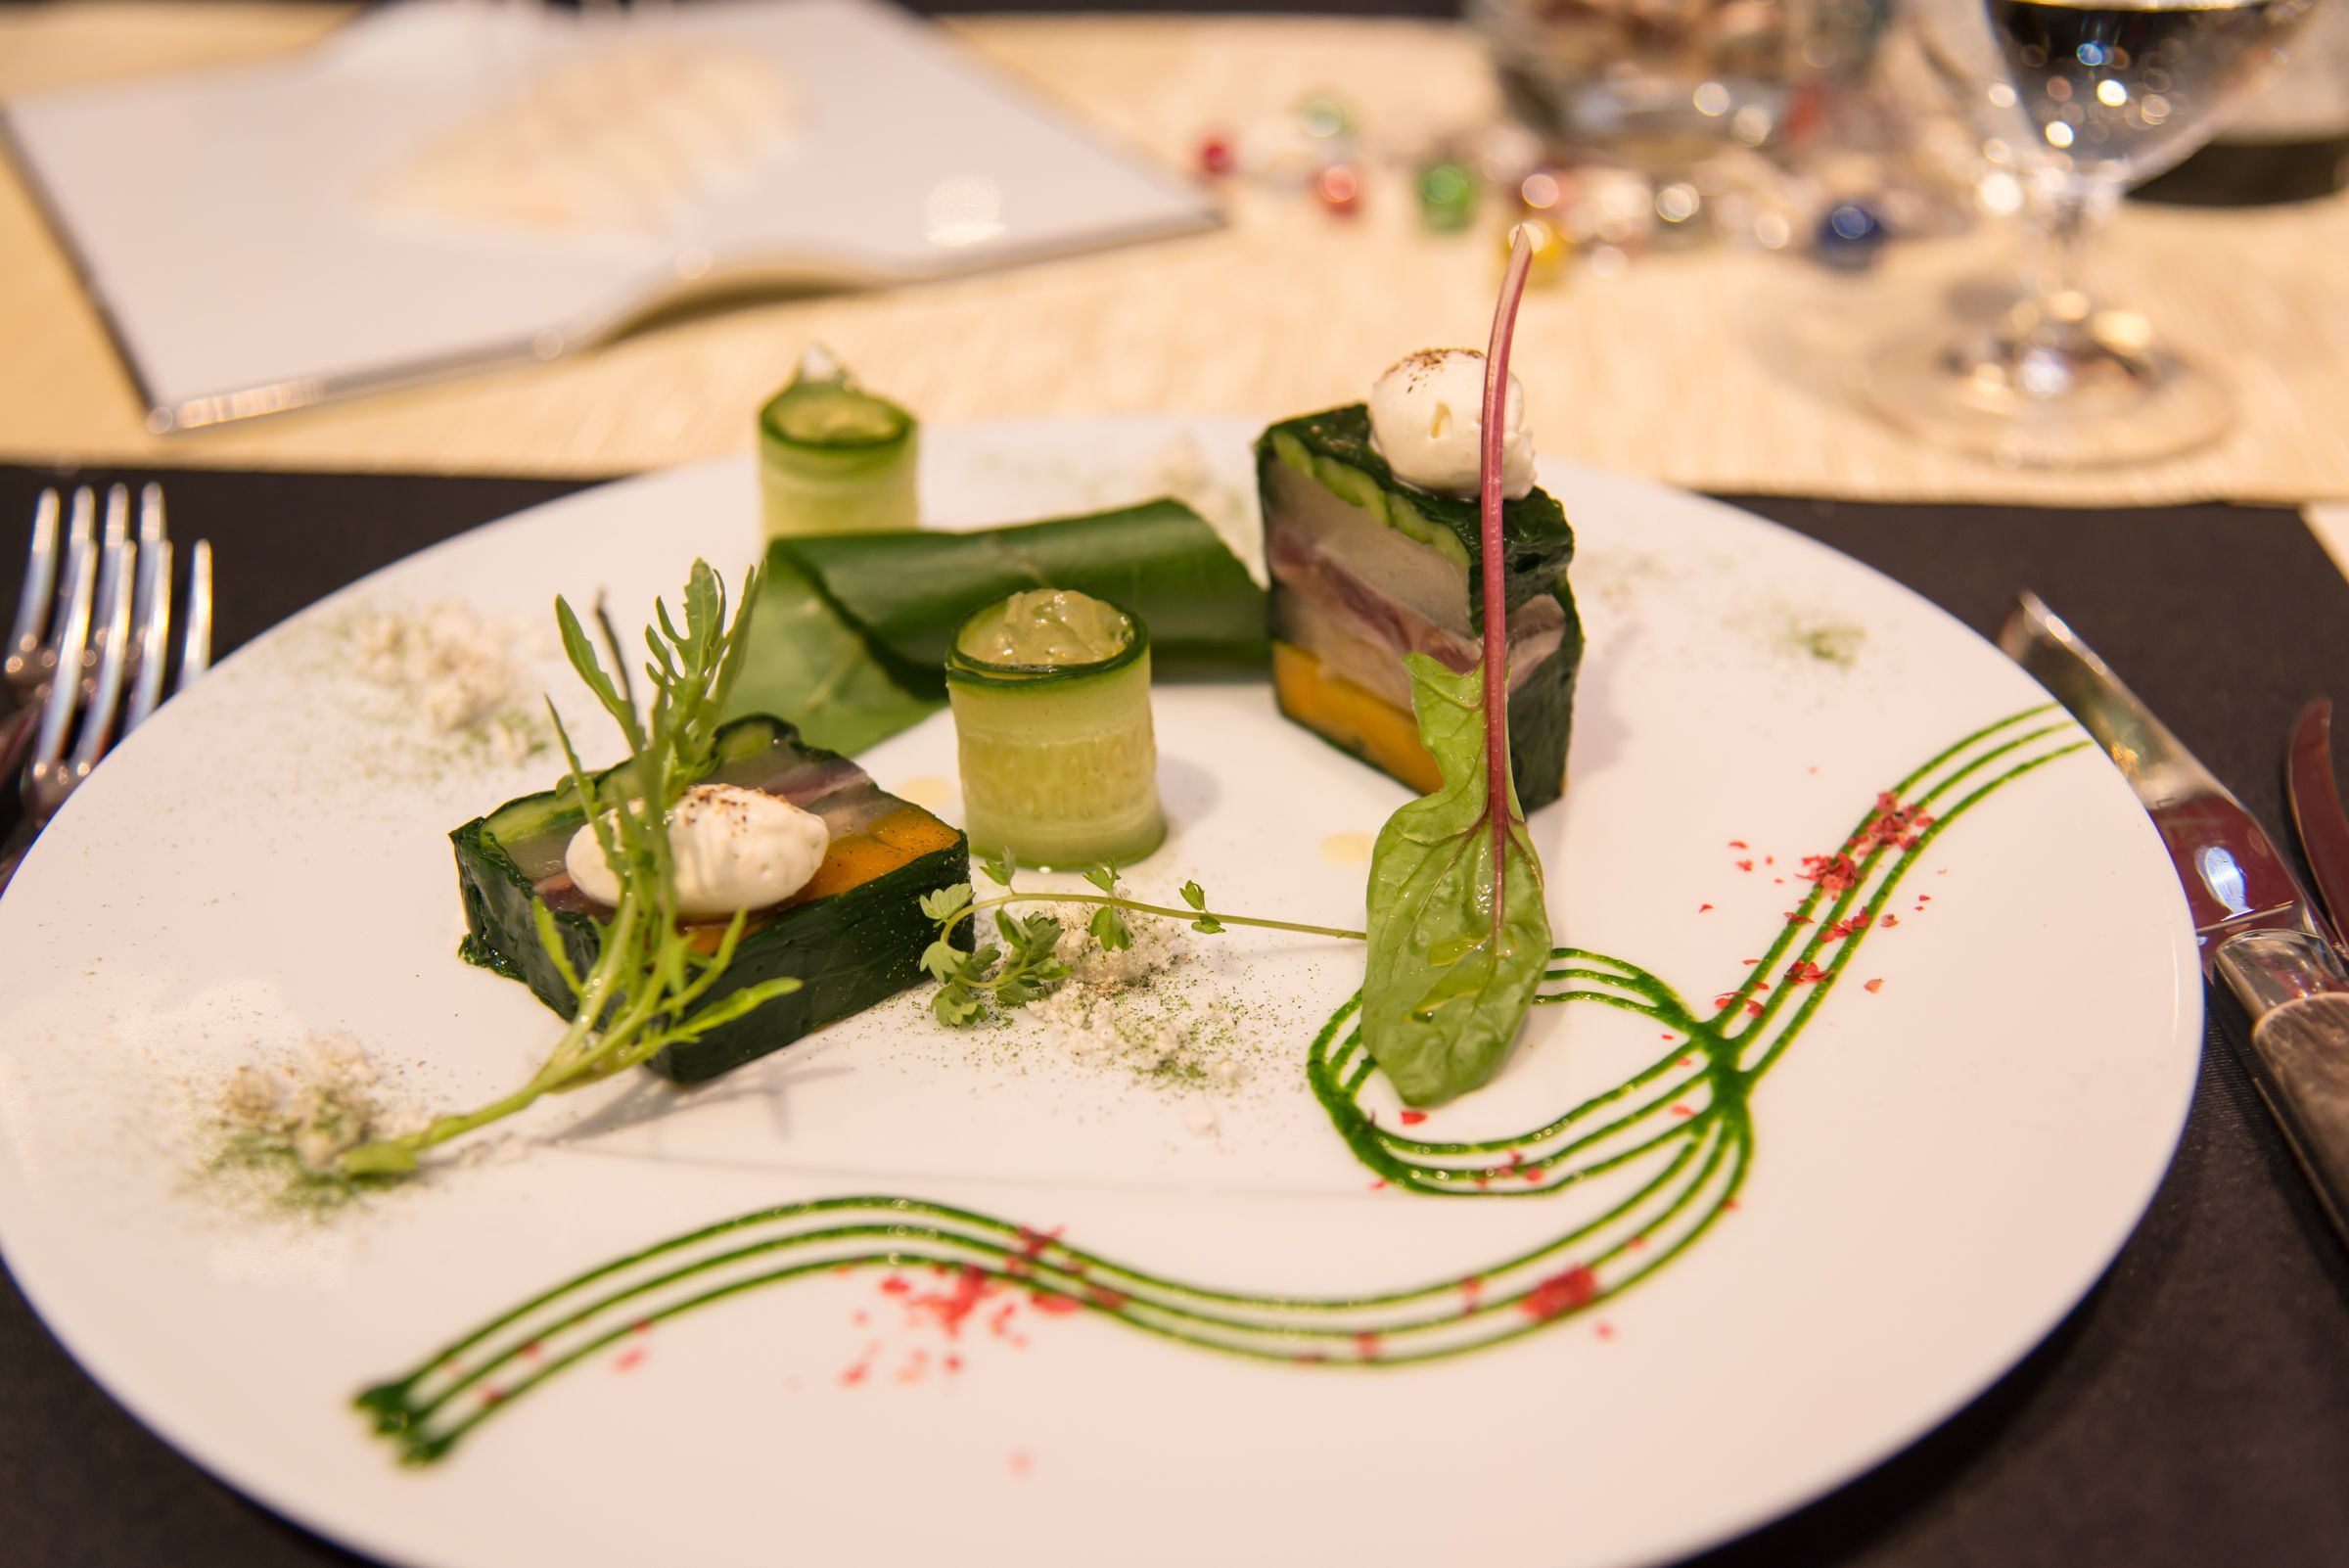 阿部農園のこだわり梨と野菜、秋刀魚のテリーヌ ヴェルベーヌのジュレ